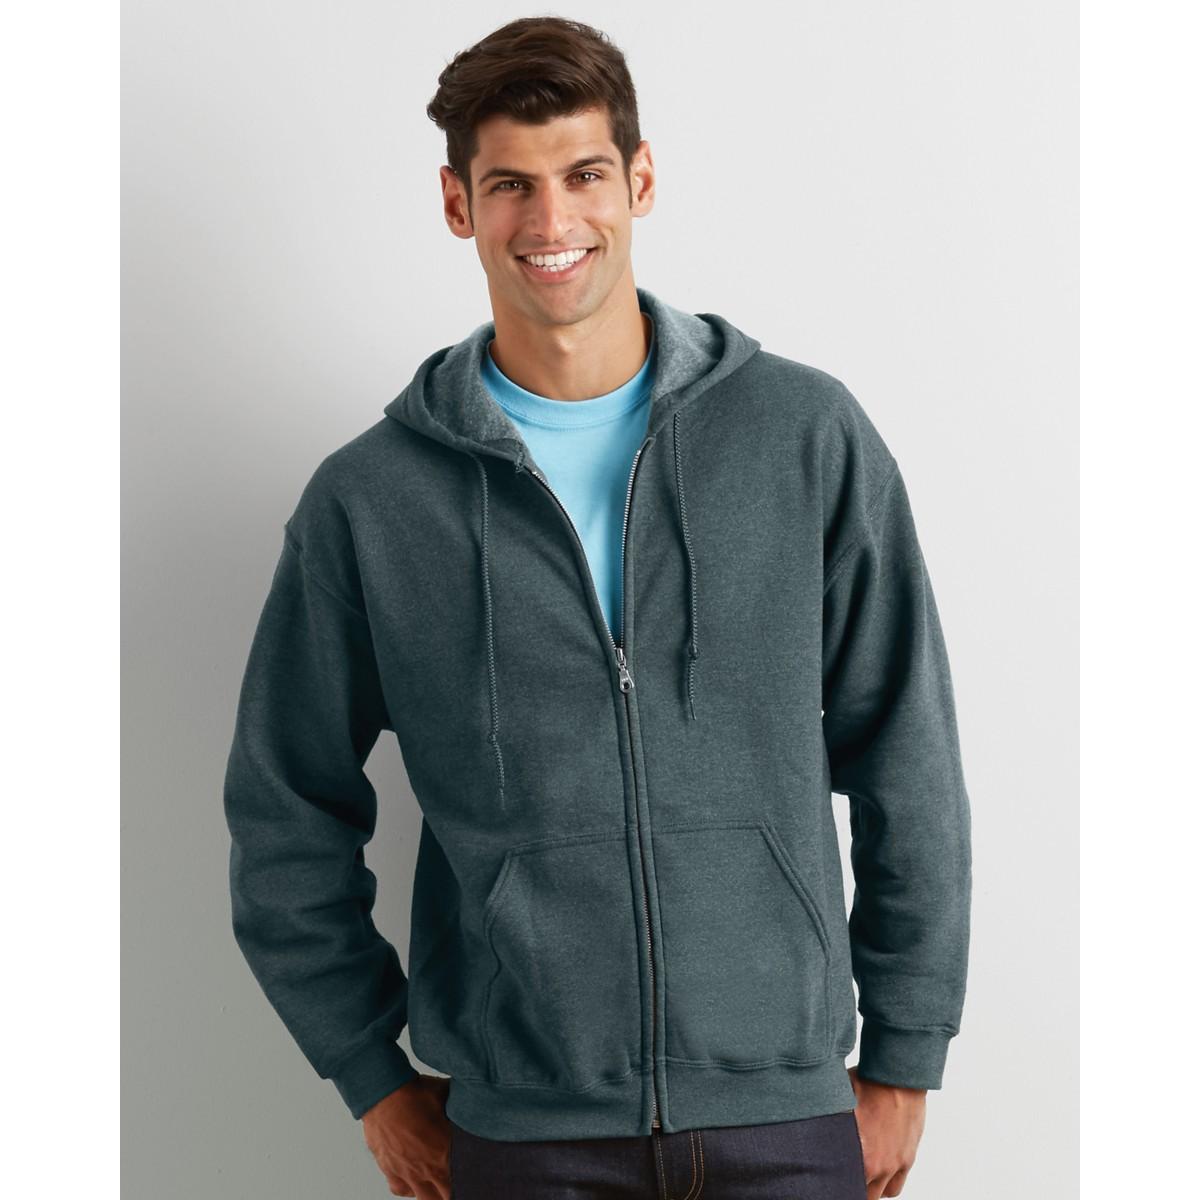 0e5de845 Gildan Heavy Zip Men's Hoodies for Promotional Clothing